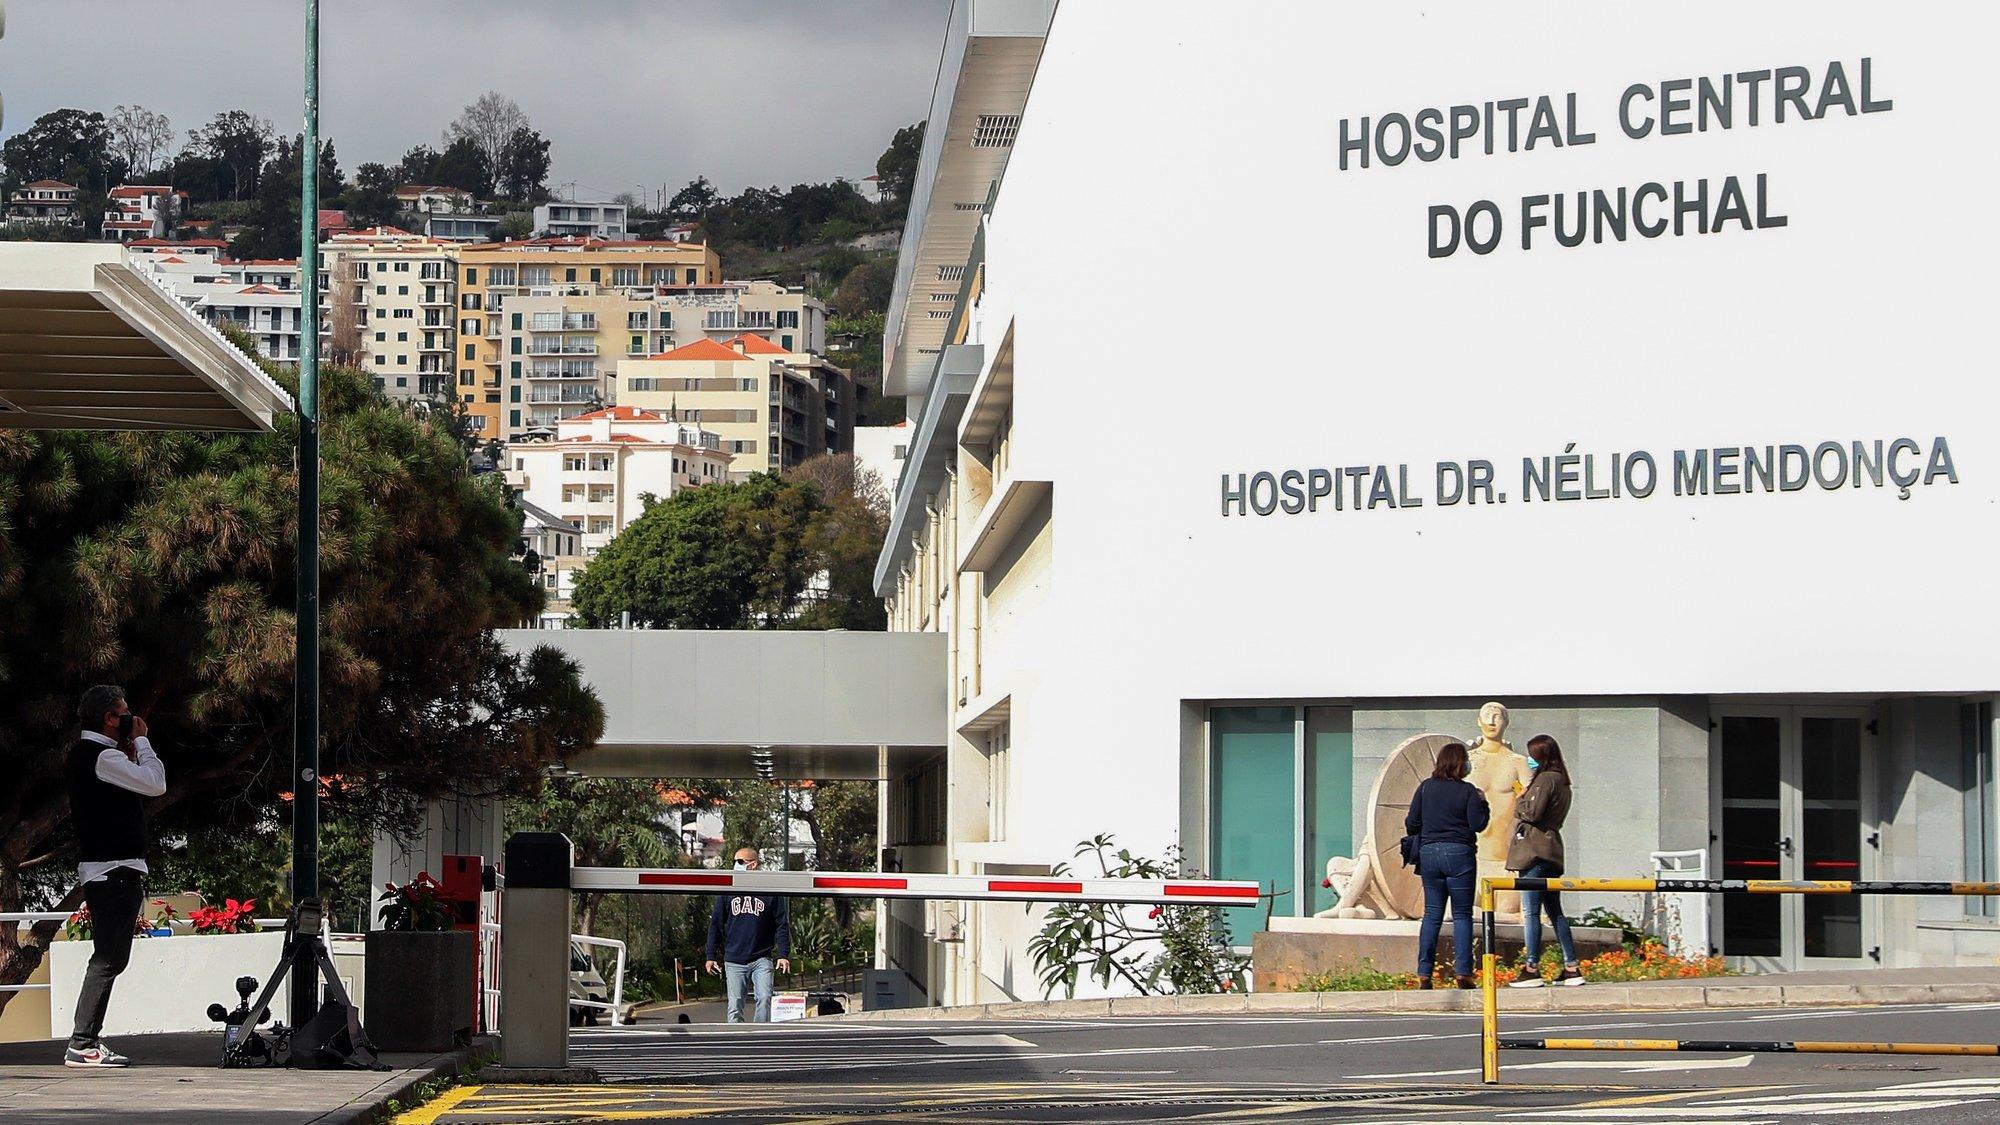 Fachada do Hospital Nélio Mendonça, que hoje recebeu a visita do presidente do Governo Regional da Madeira, para ver a nova unidade de internamento covid-19 da instituição hospitalar, no Funchal, 28 de janeiro de 2021. HOMEM DE GOUVEIA/LUSA